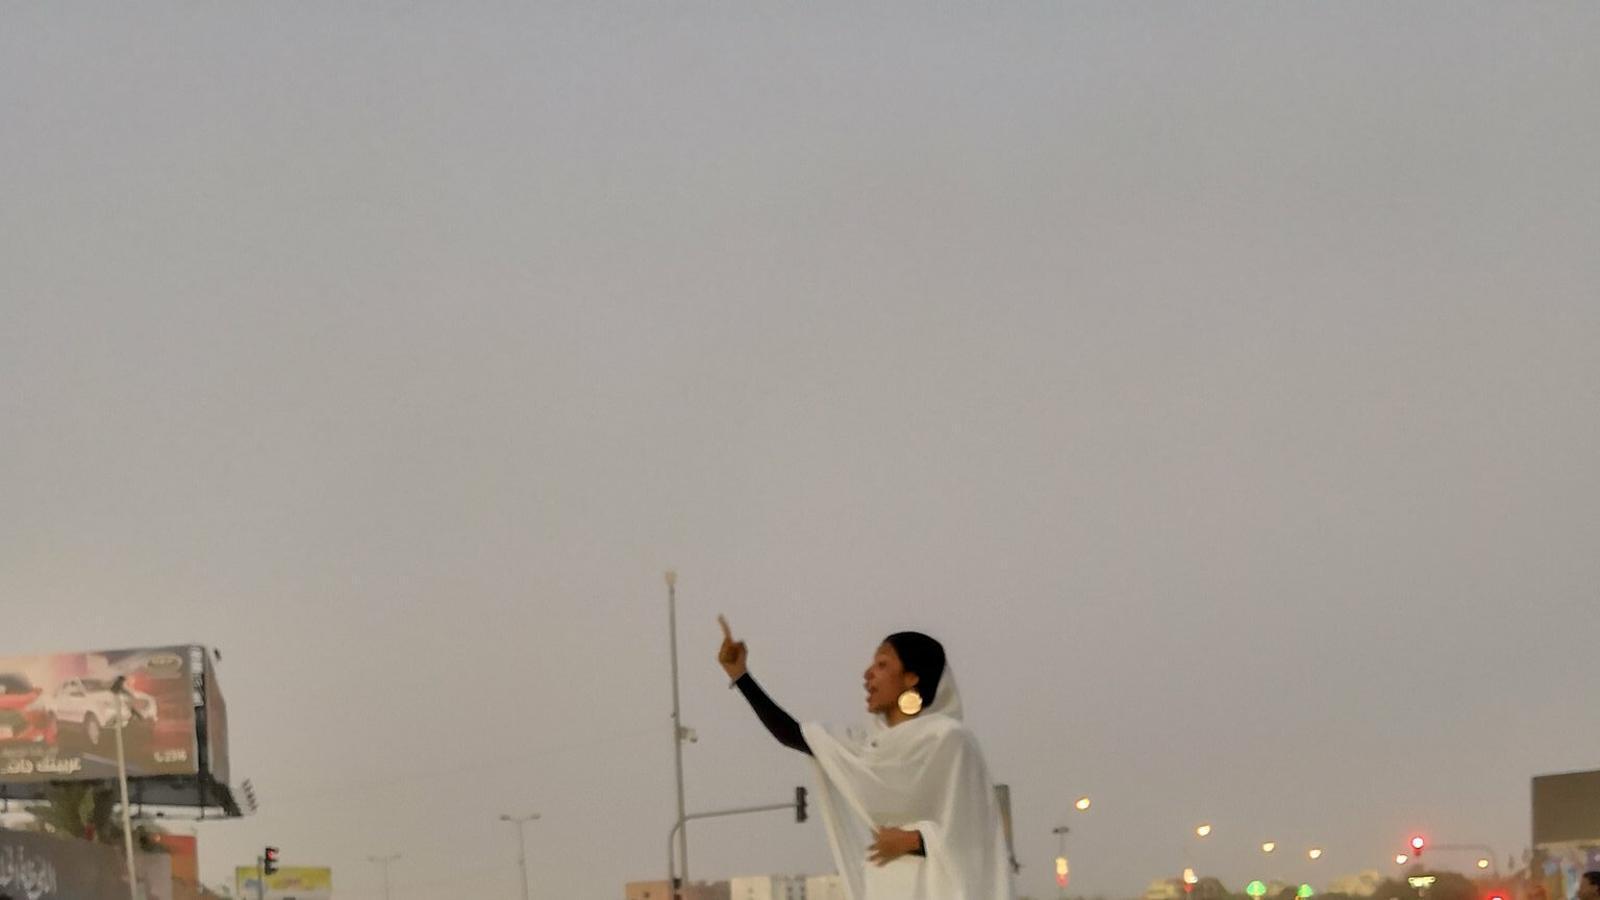 Una dona vestida de blanc a sobre d'un cotxe, símbol de la revolta al Sudan